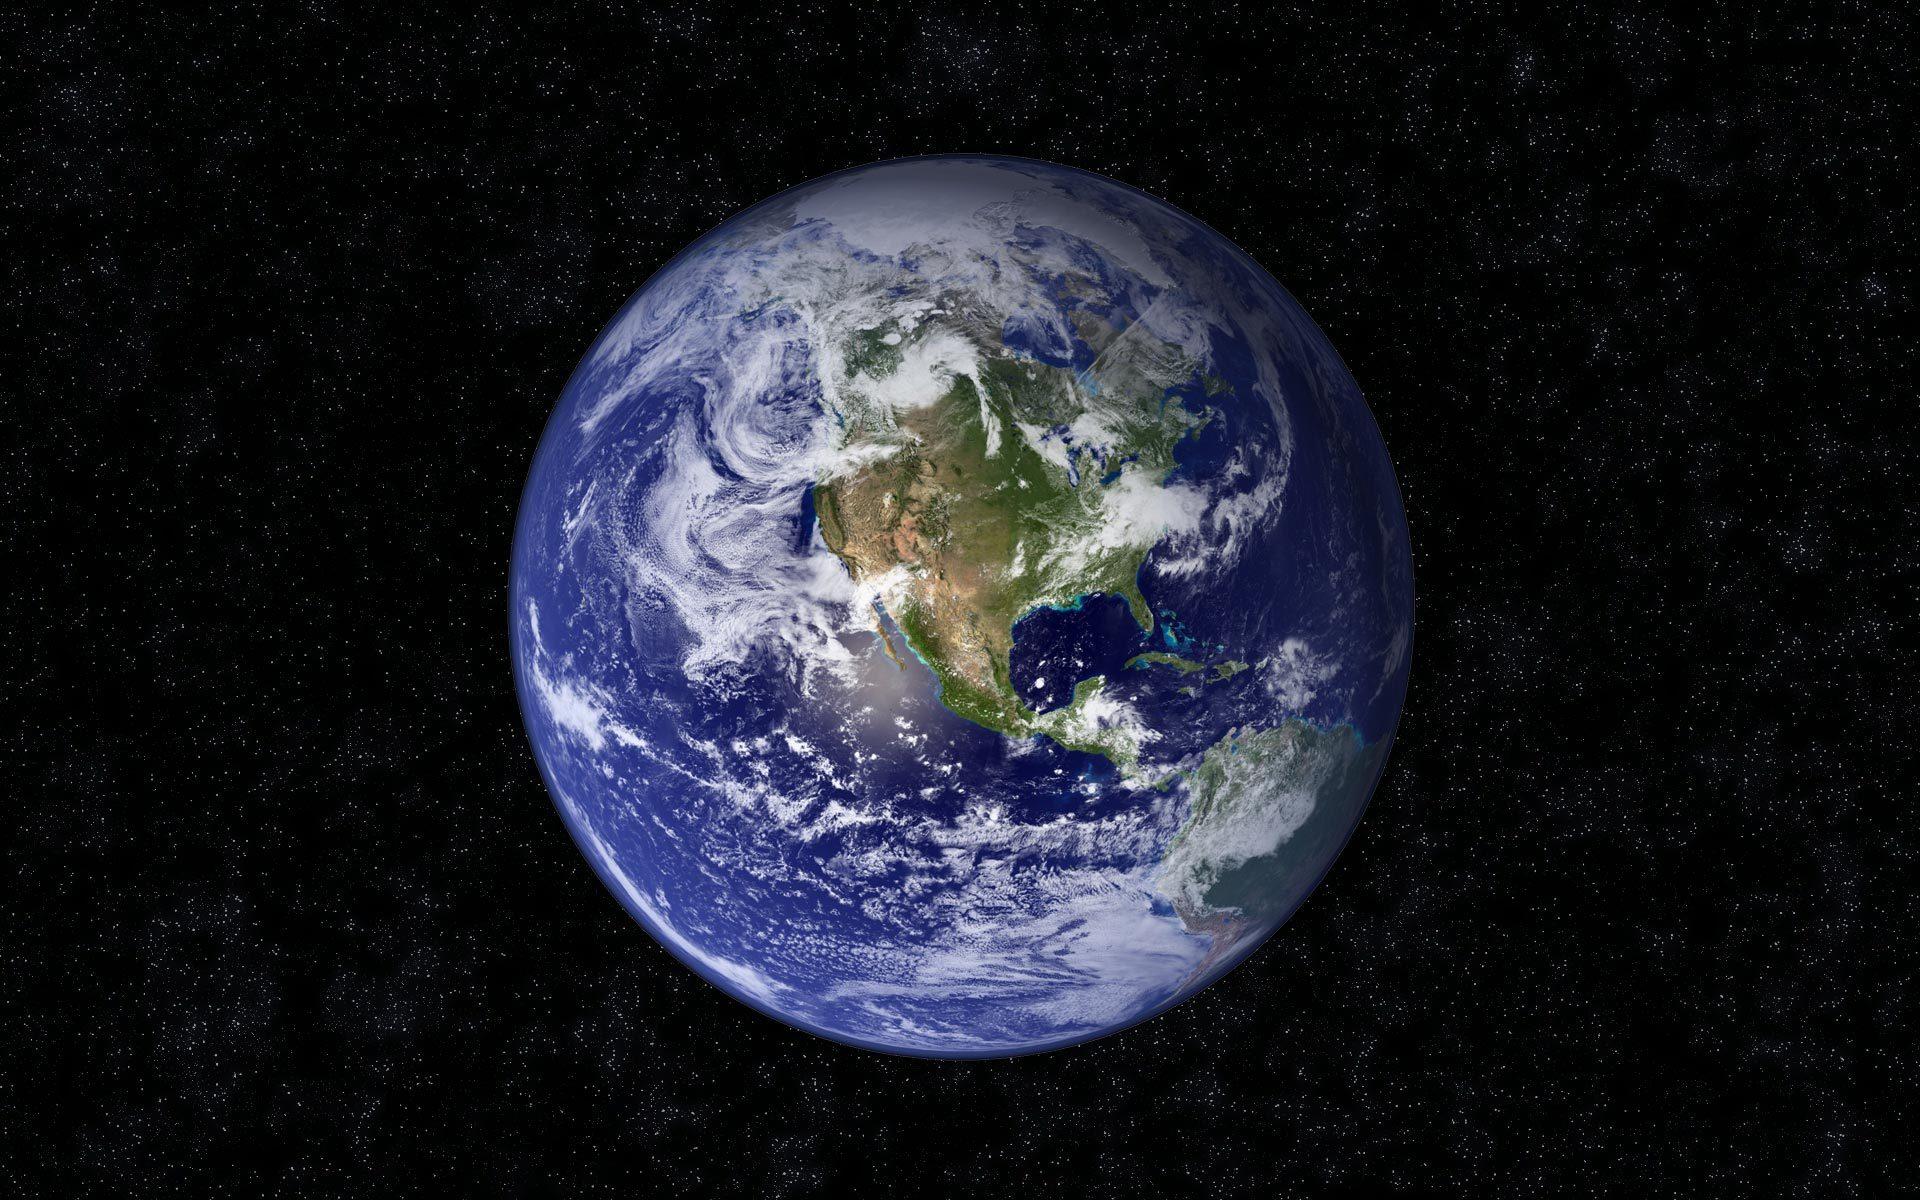 بالصور صور كواكب , صوره من كوكب 1623 5